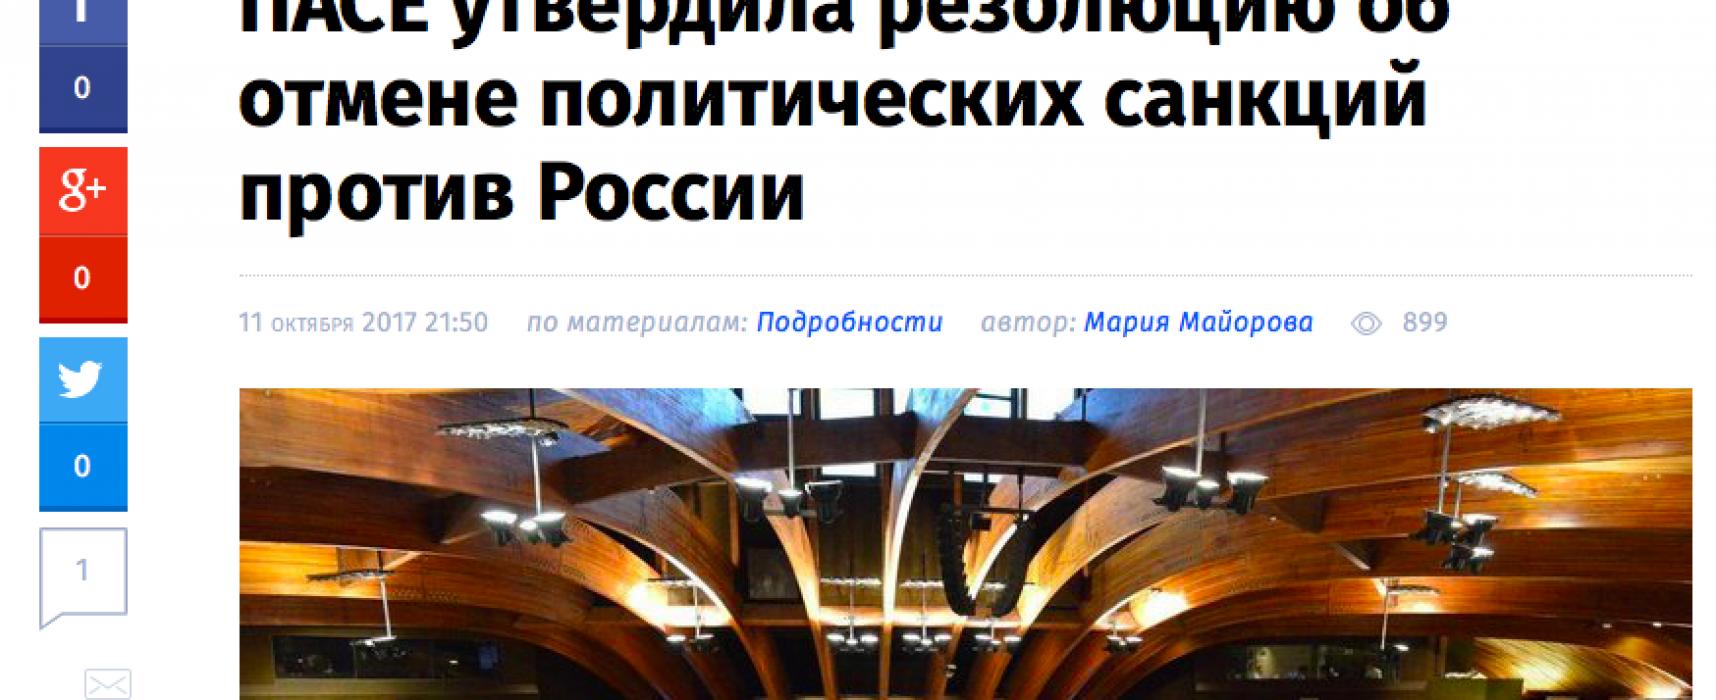 Falso: La PACE aprobó una resolución que cancela las sanciones políticas antirrusas